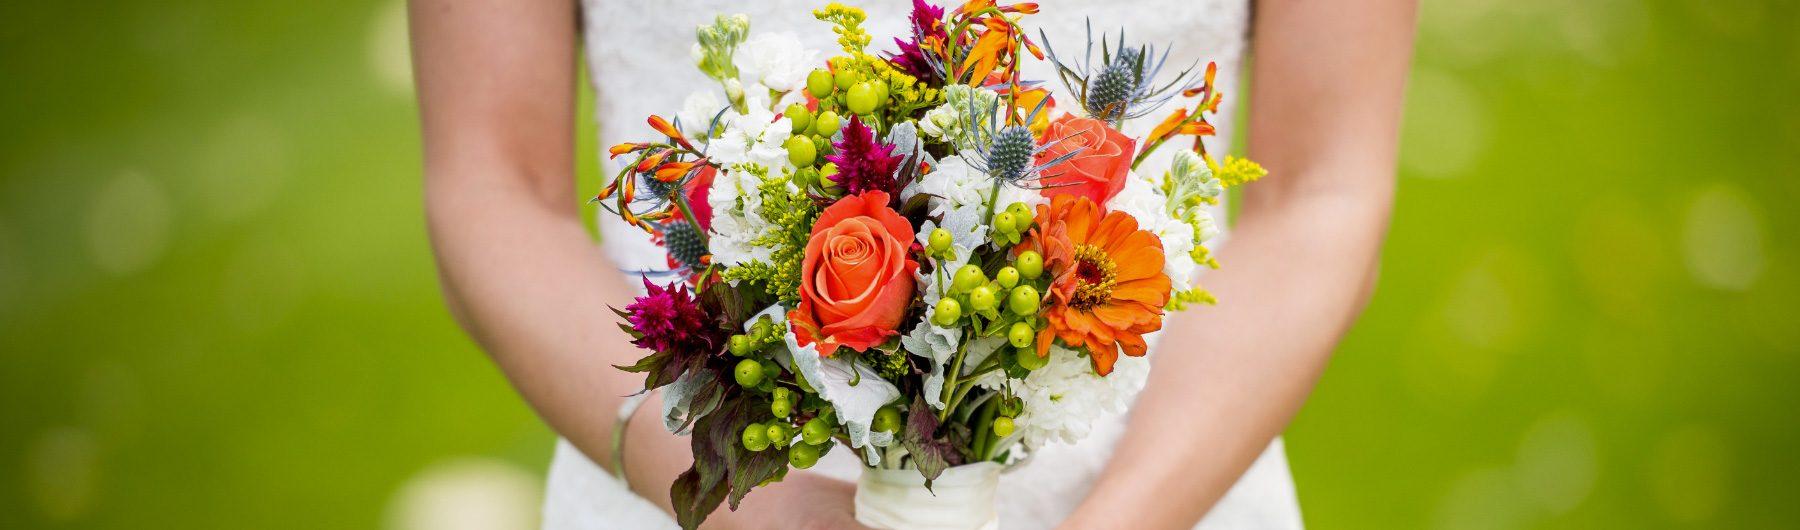 Créations florales - fleurs coupées bouquet architecte paysagiste jardin